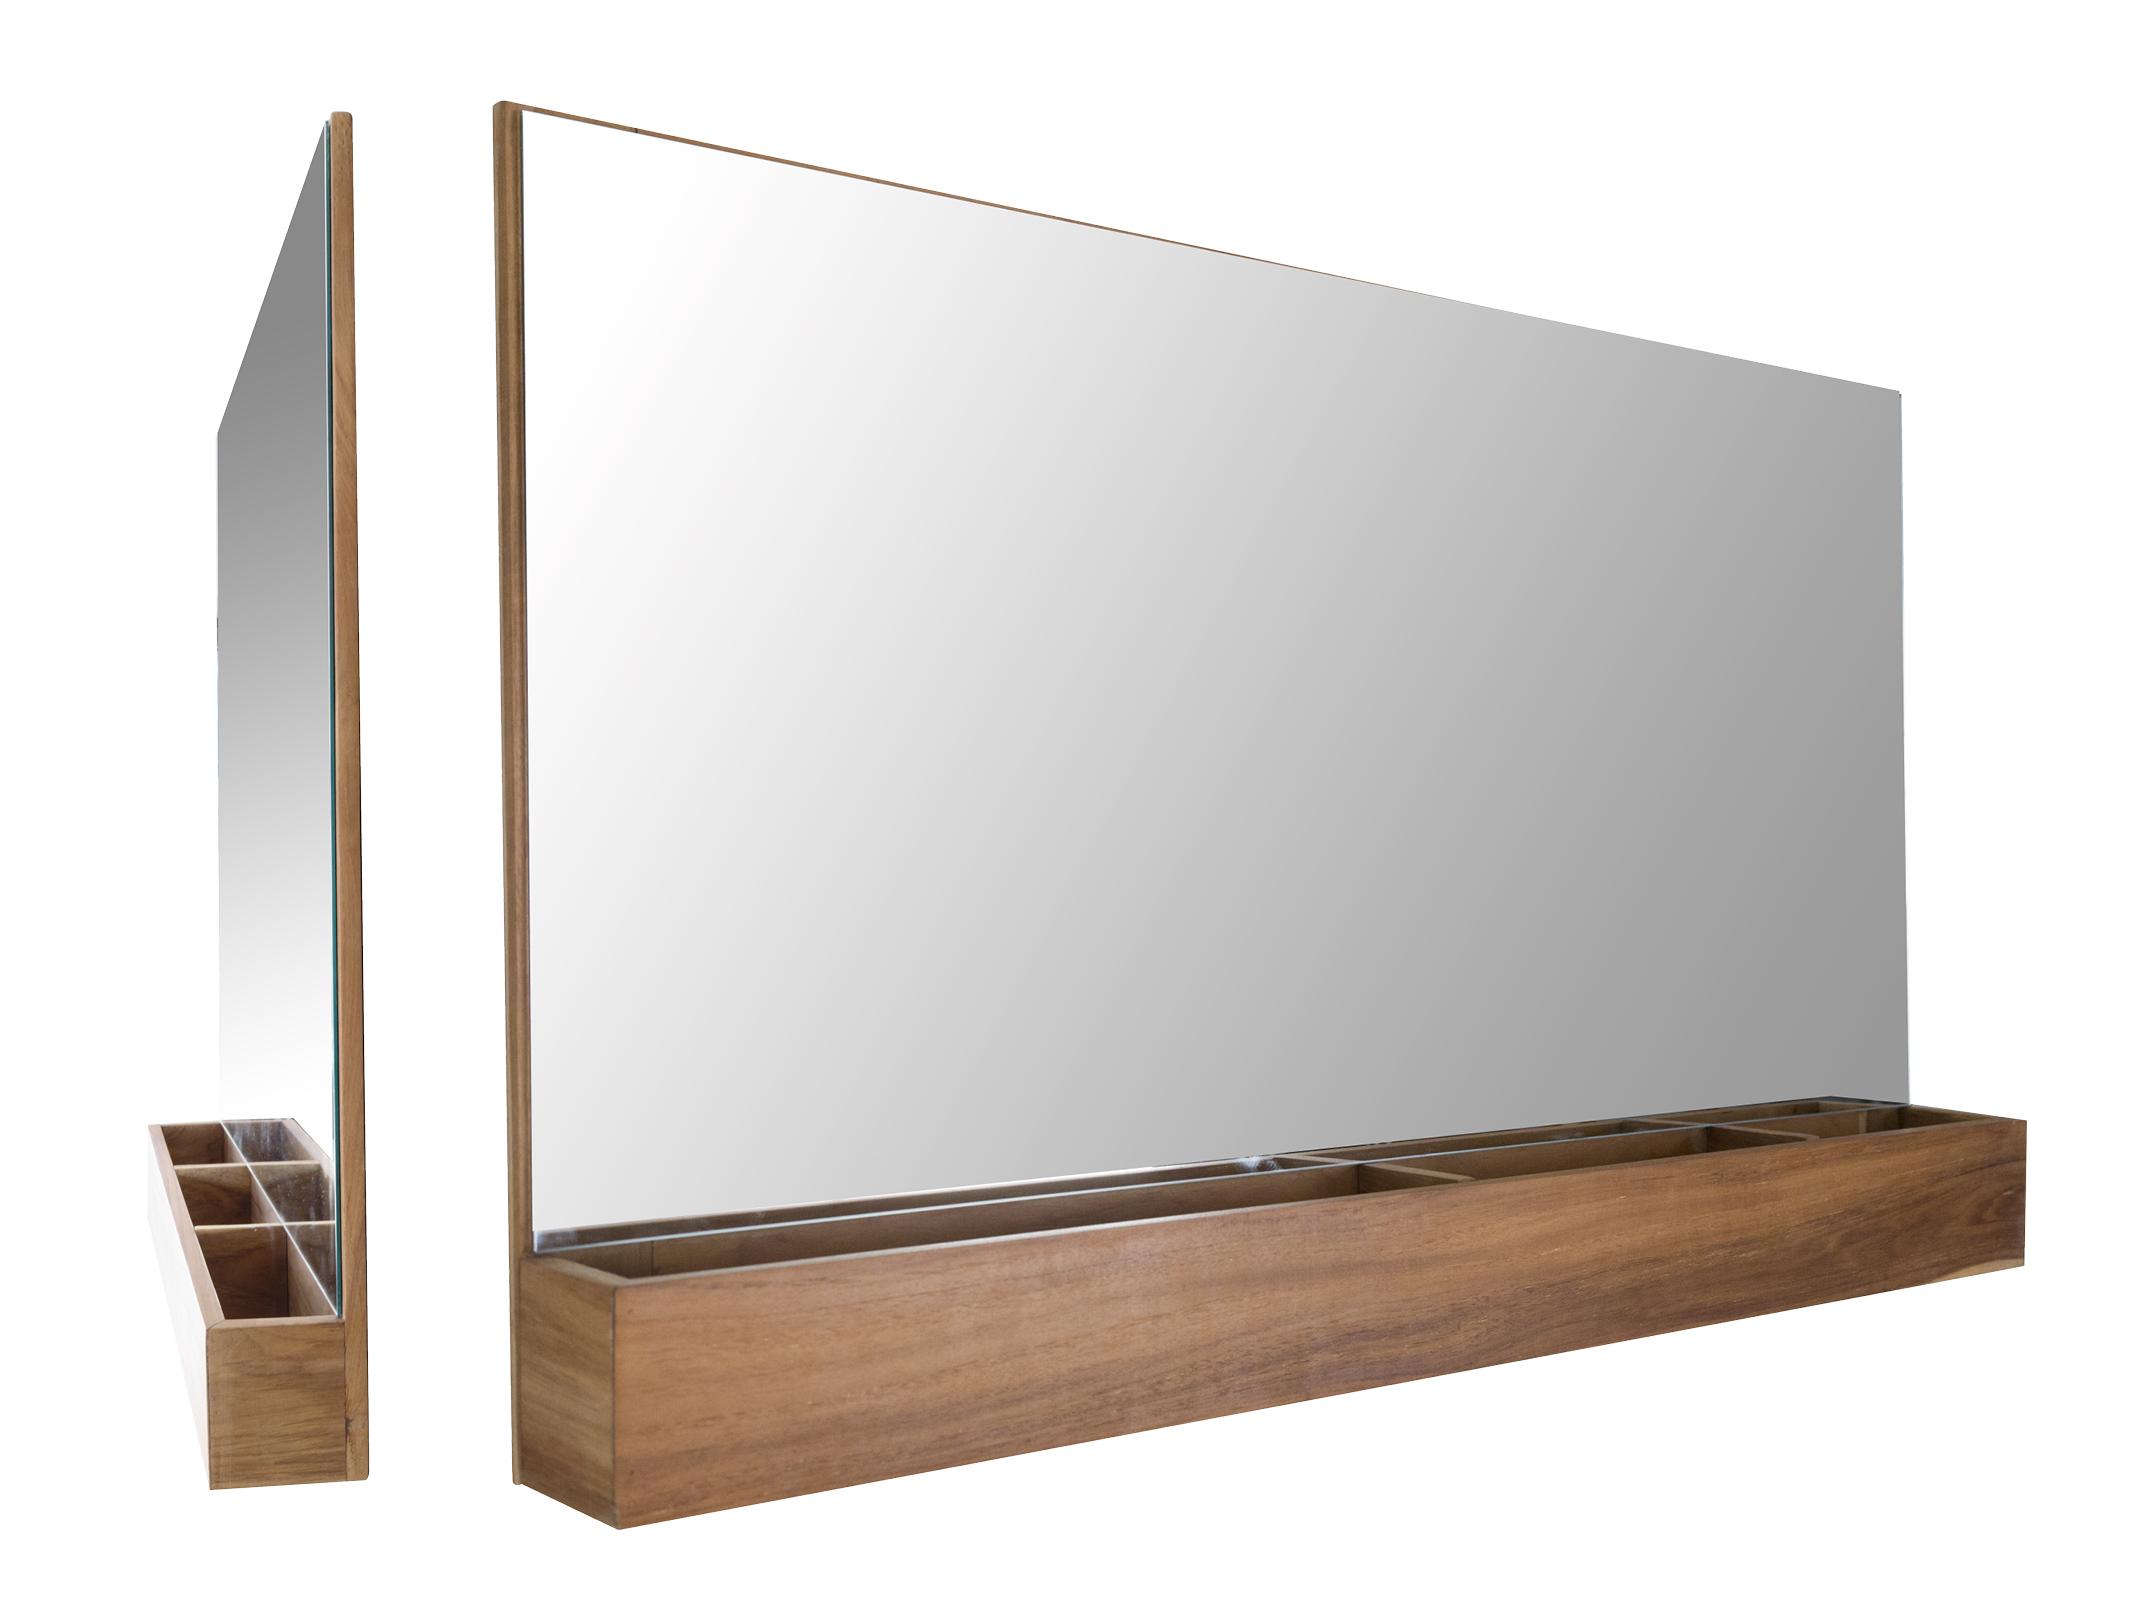 Pratico specchio large cip design ed accessori per la stanza da bagno - Specchio diamond riflessi prezzo ...